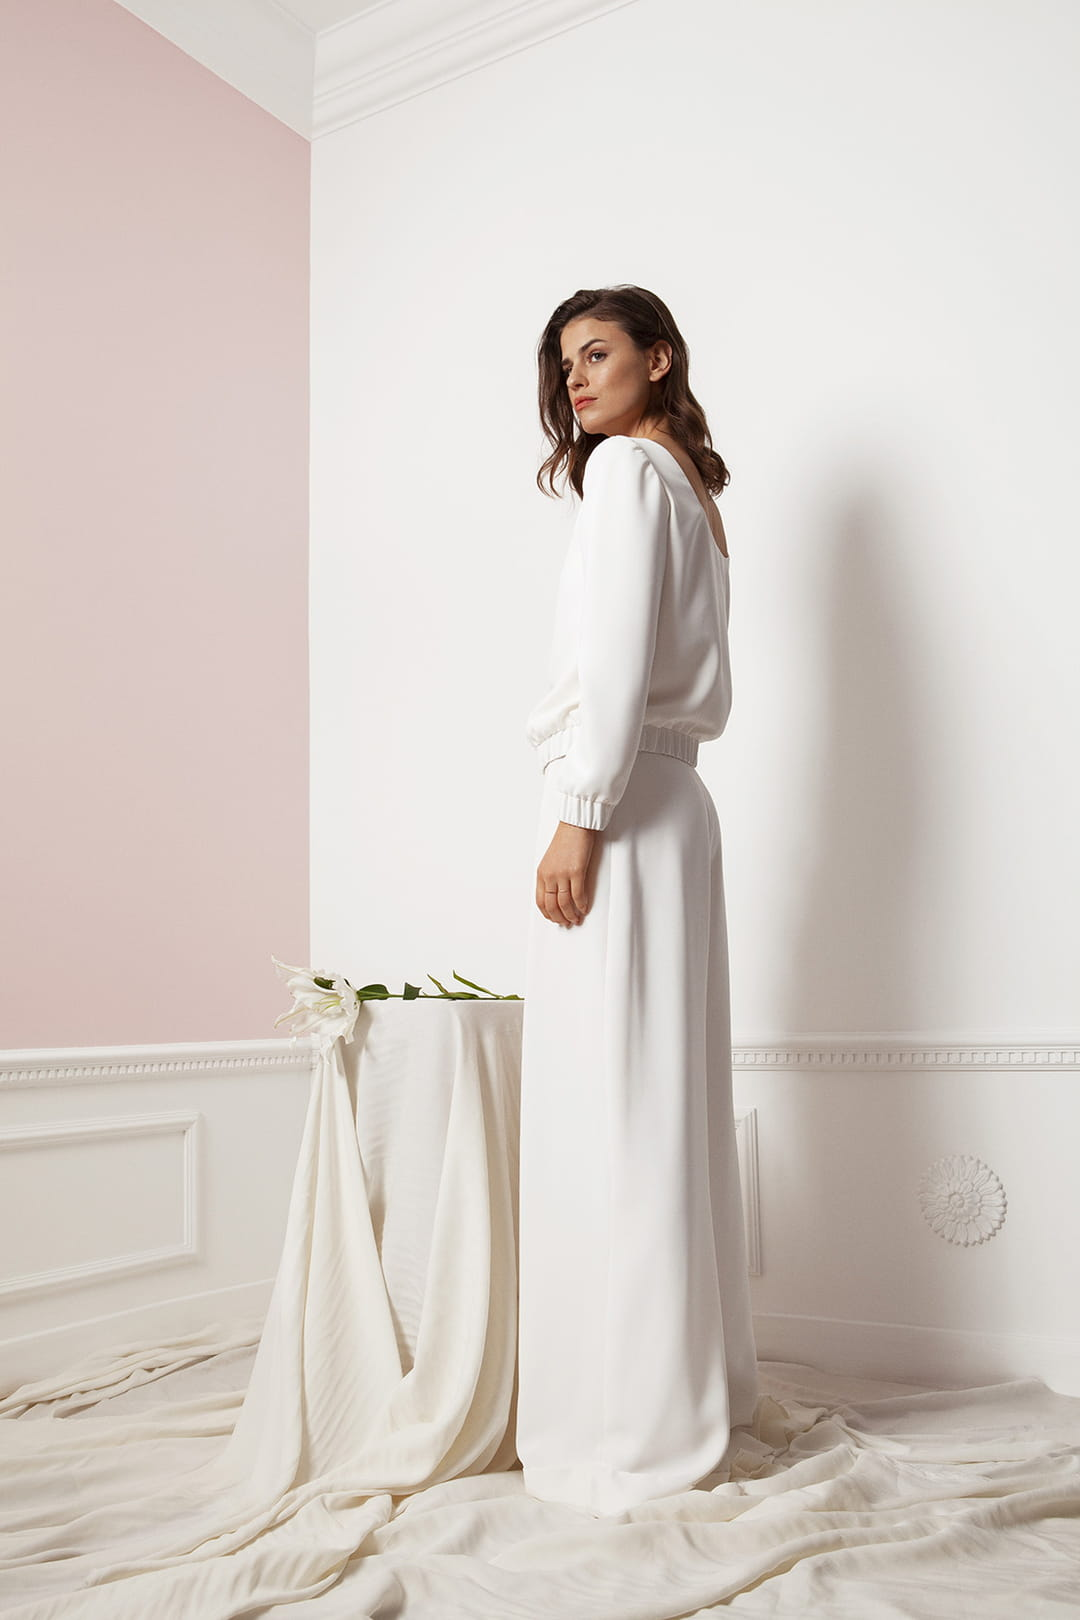 Sweatshirt-Francois-venus-in-white-maison-floret